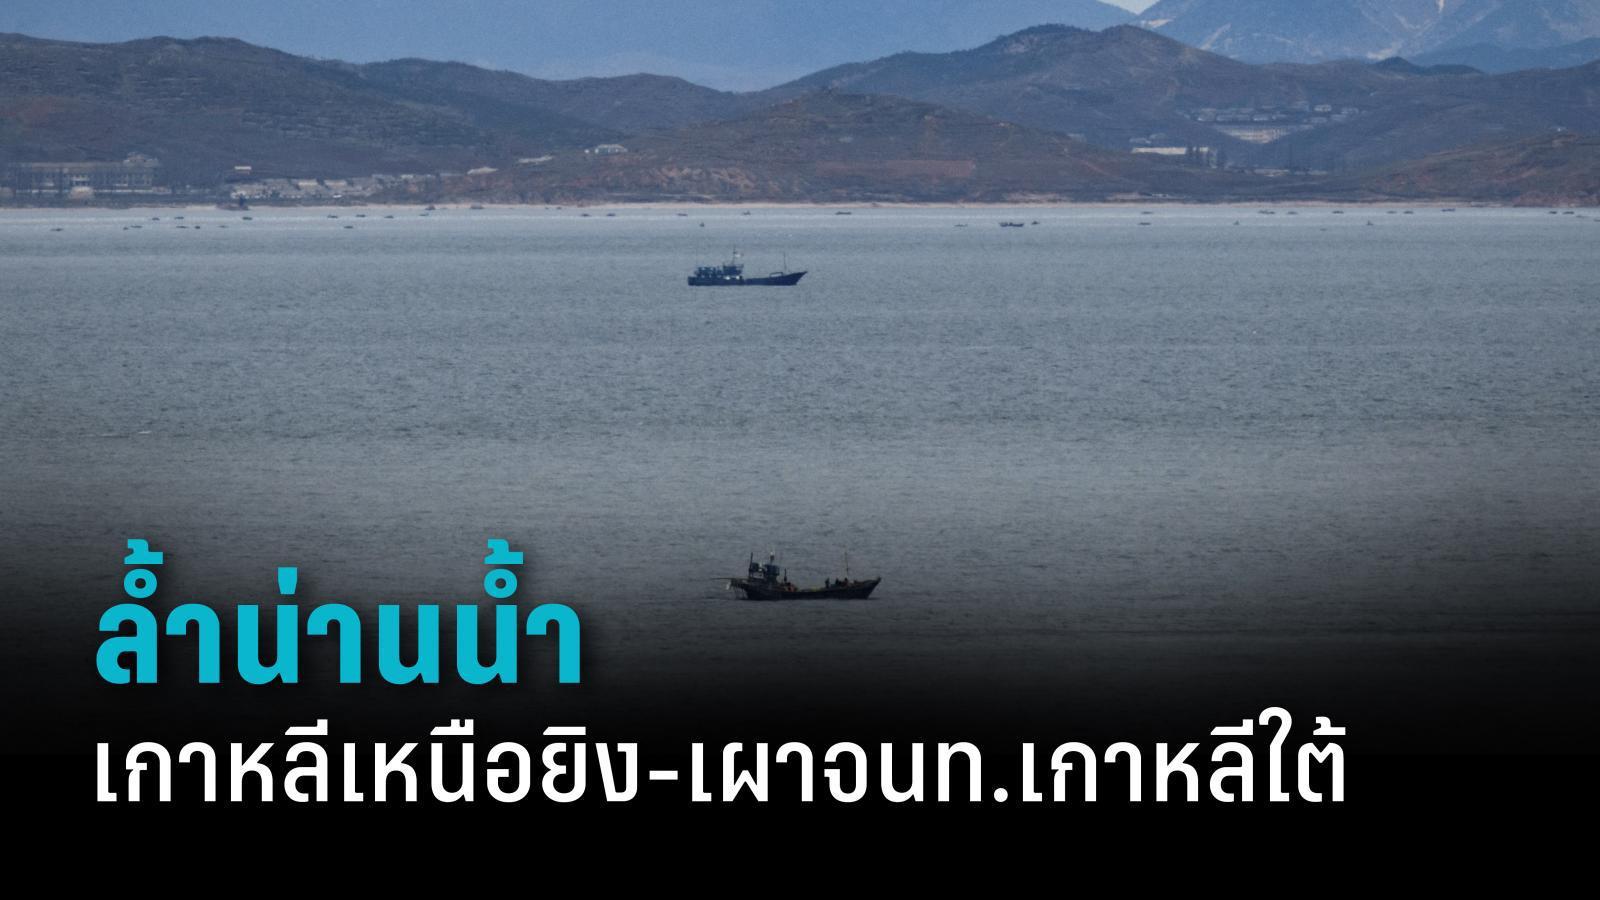 คุกรุ่น! เกาหลีเหนือสังหารเจ้าหน้าที่ประมงเกาหลีใต้ล้ำน่านน้ำ